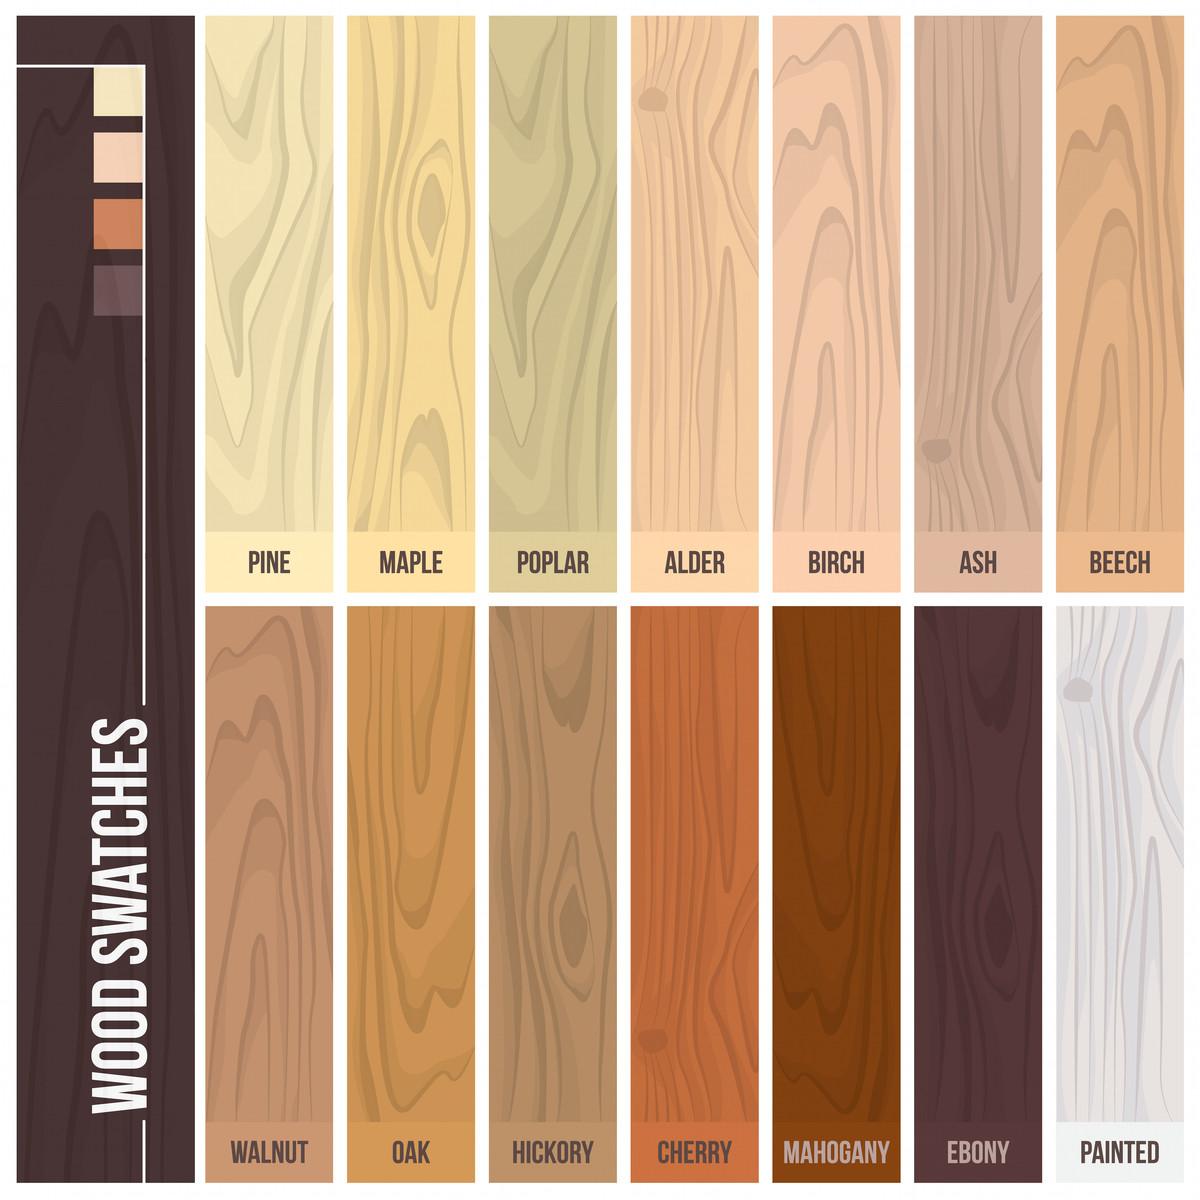 3 1 4 inch hardwood flooring of 12 types of hardwood flooring species styles edging dimensions pertaining to types of hardwood flooring illustrated guide